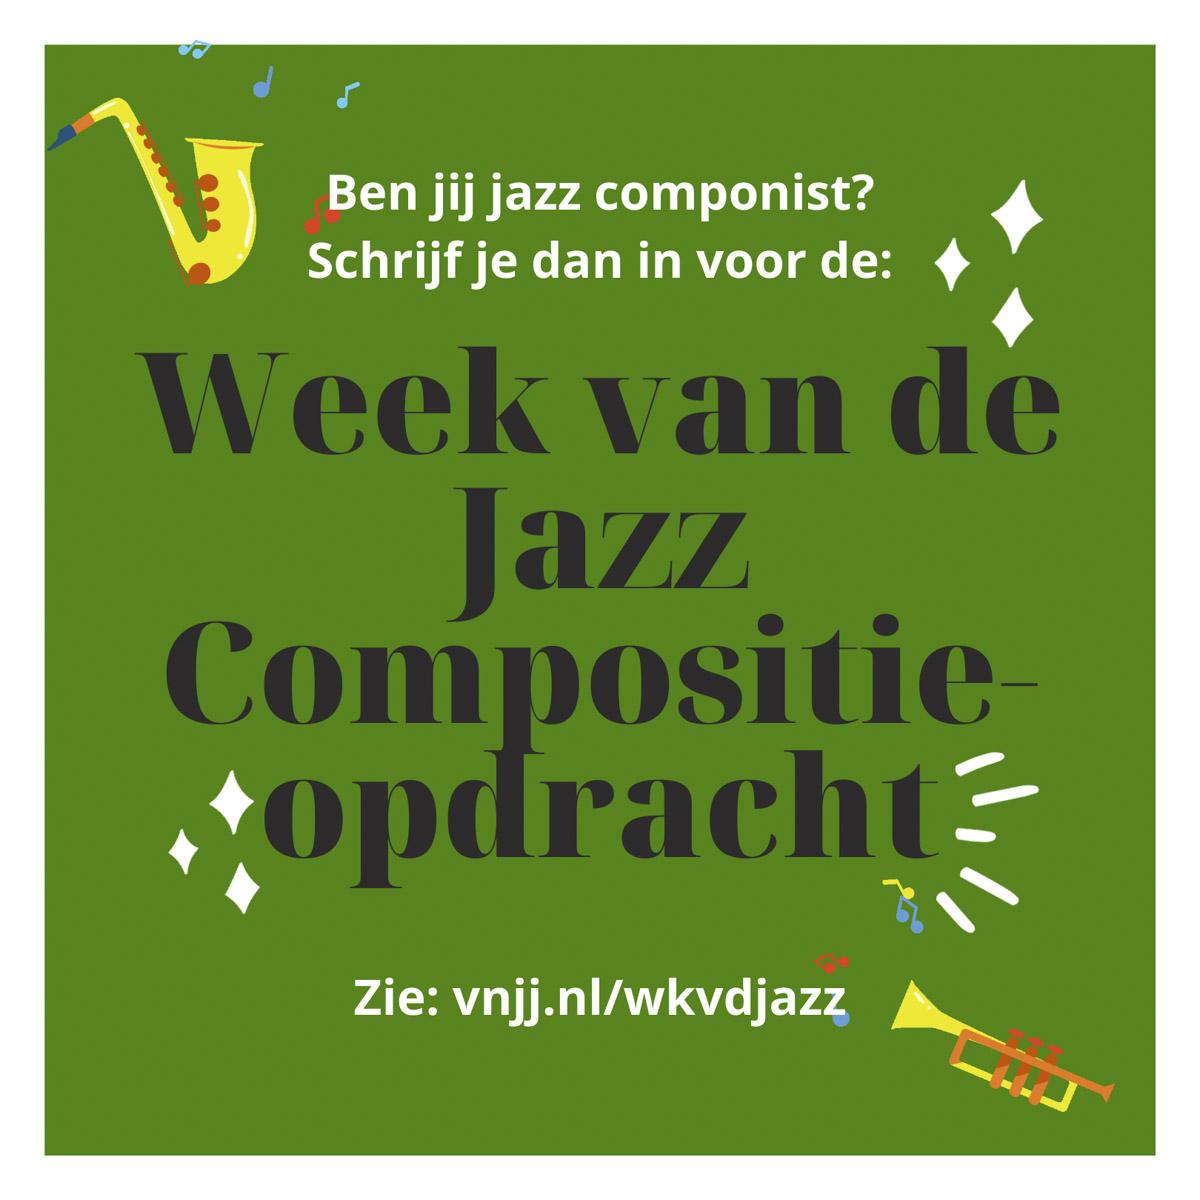 Week van de Jazz Compositie-opdracht